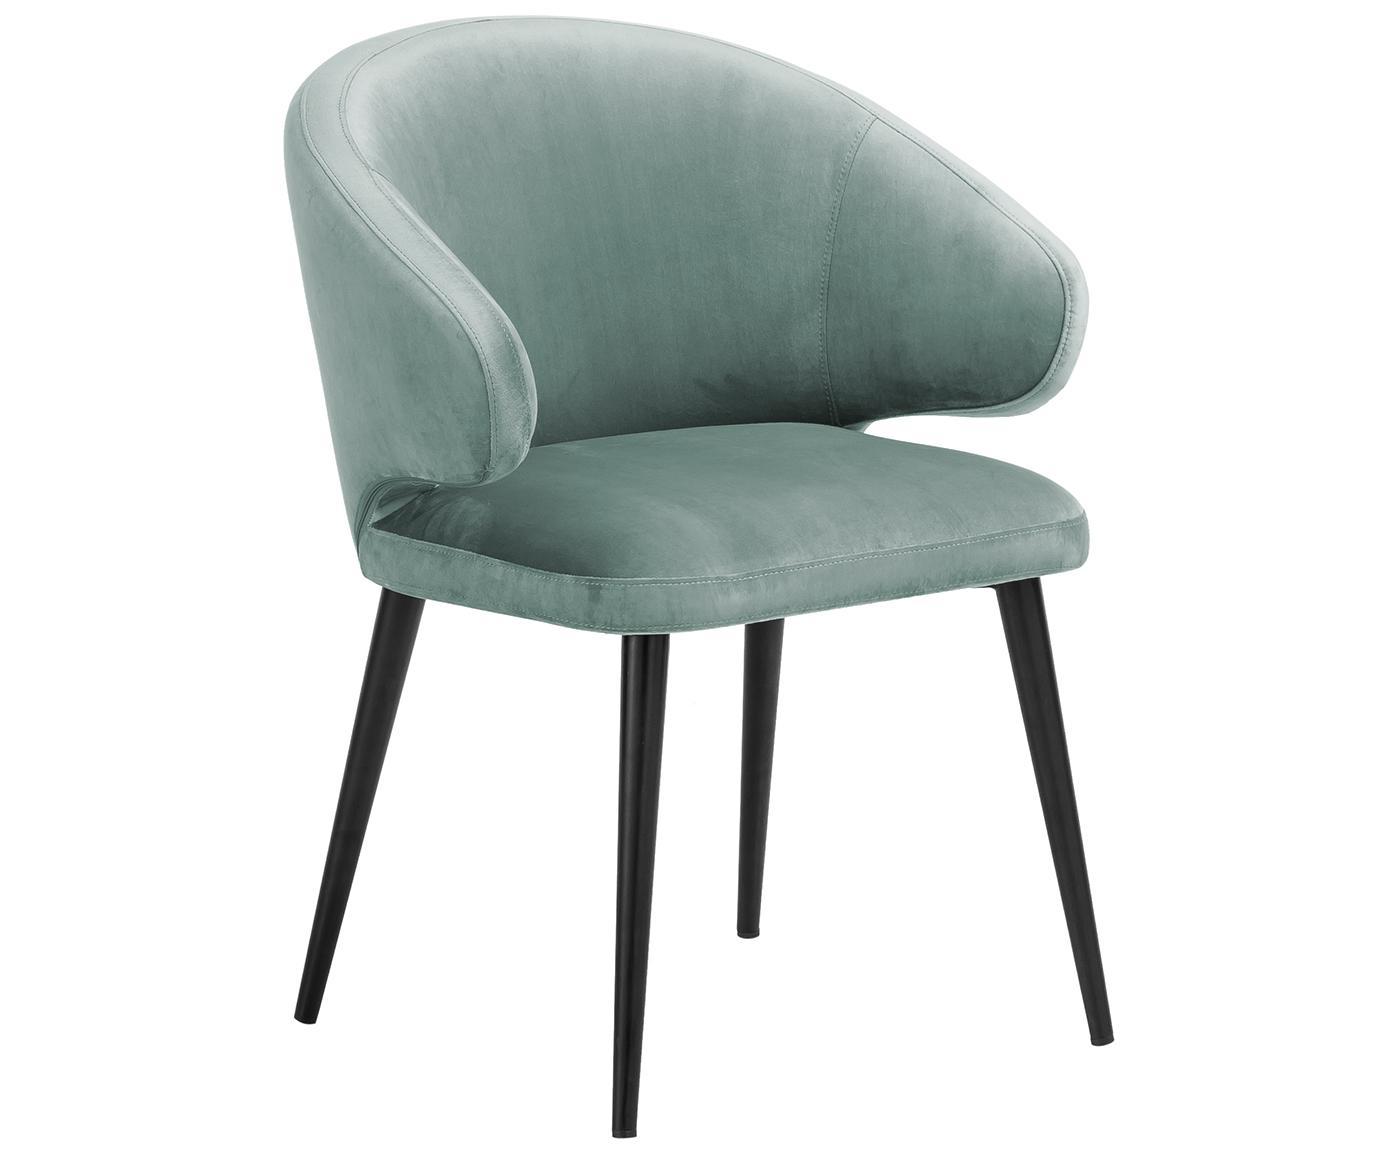 Krzesło z podłokietnikami z aksamitu Celia, Tapicerka: aksamit (poliester) Tkani, Nogi: metal malowany proszkowo, Aksamitny szałwiowy zielony, S 57 x G 62 cm